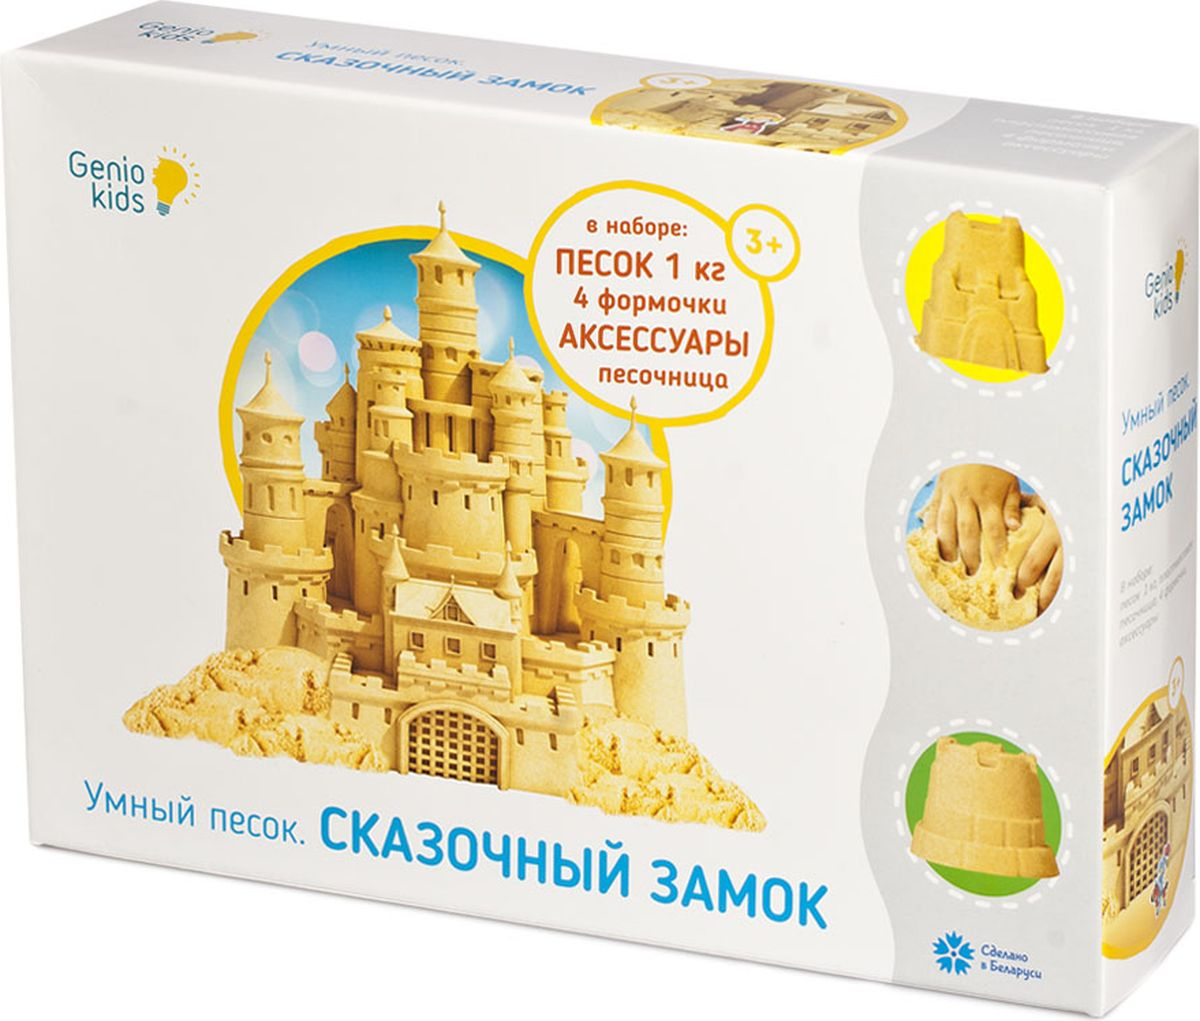 Genio Kids Кинетический песок Умный песок Сказочный замок 1 кг цена